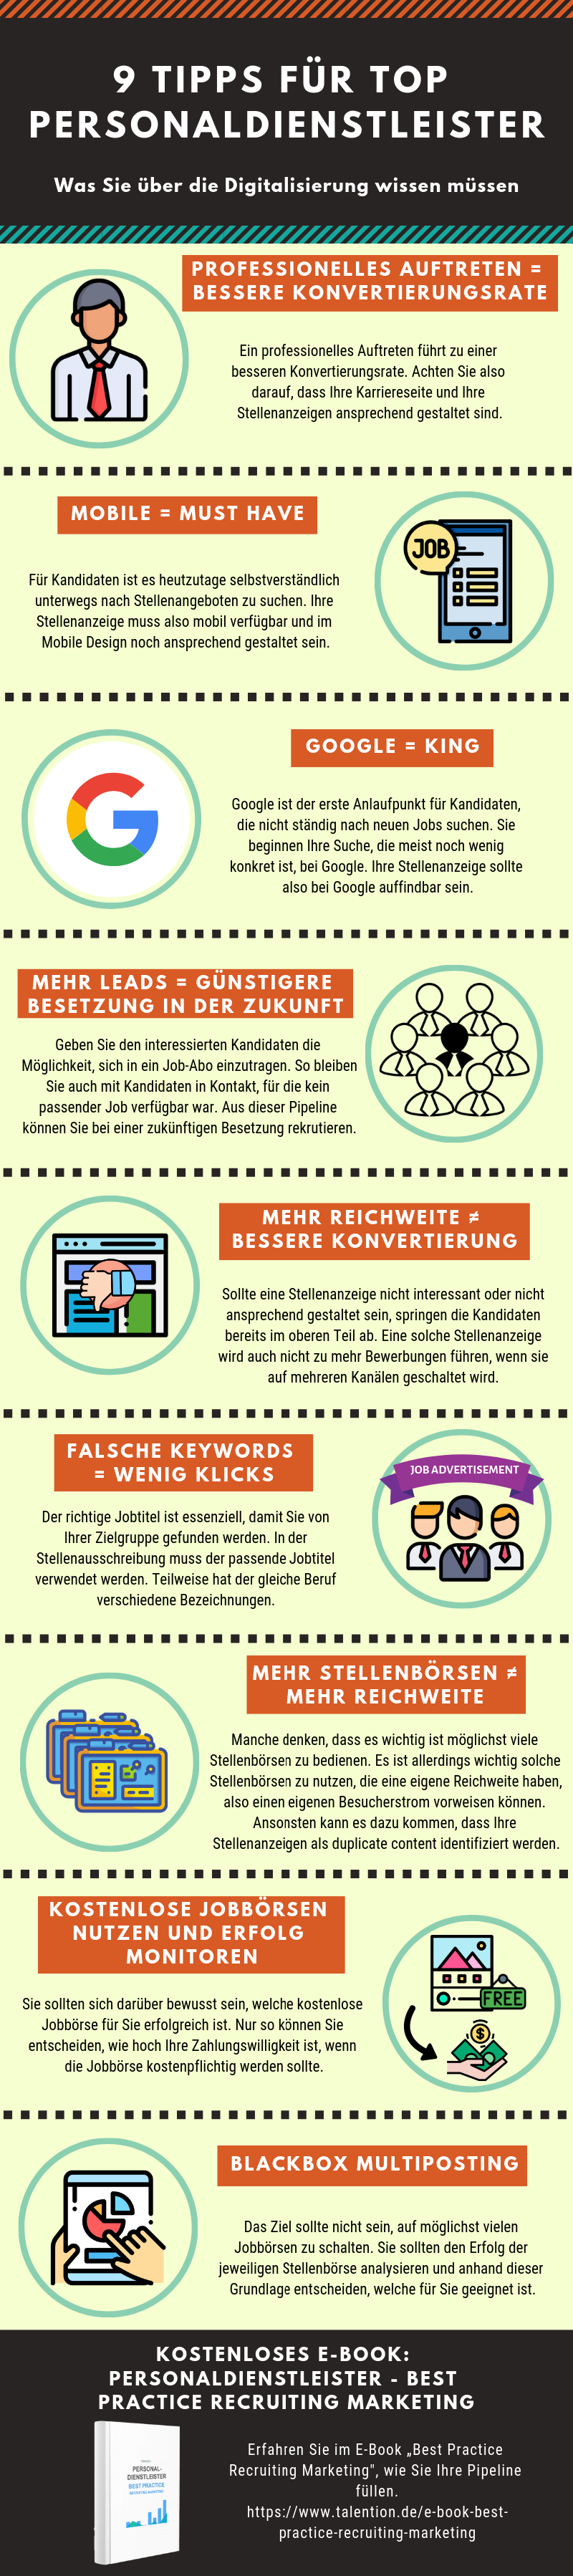 Infografik - 9 Tipps für Personaldienstleister